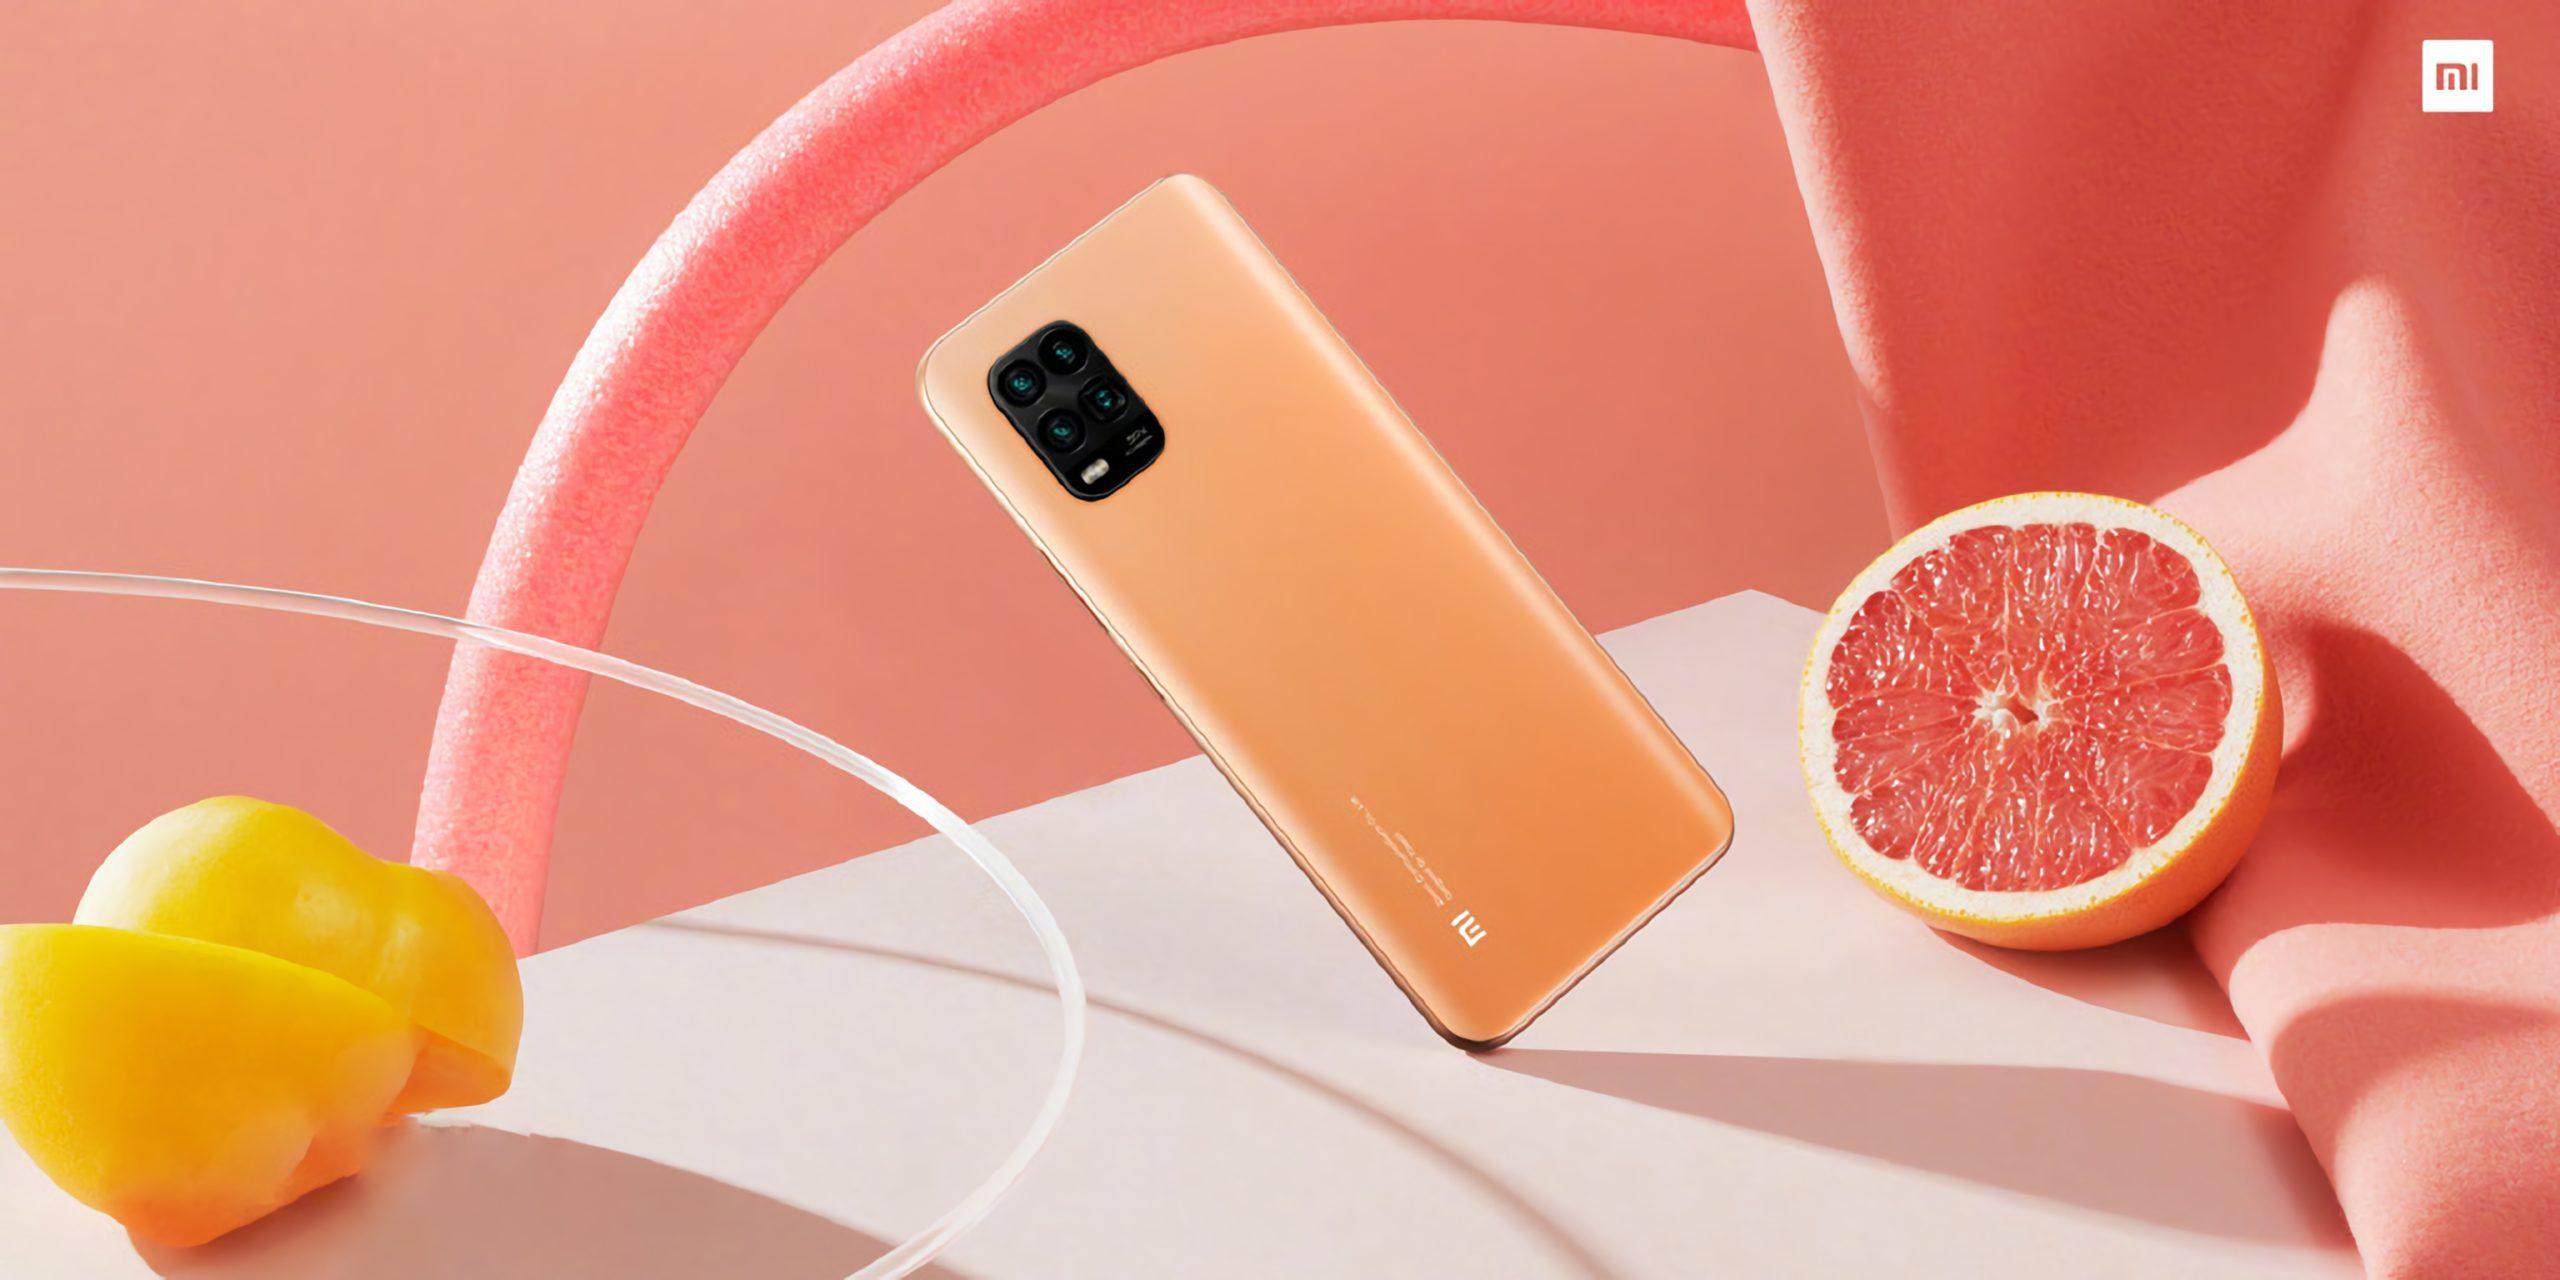 Обзор смартфонов Xiaomi Mi 10 Lite и Xiaomi Mi 10 Youth c достоинствами и недостатками